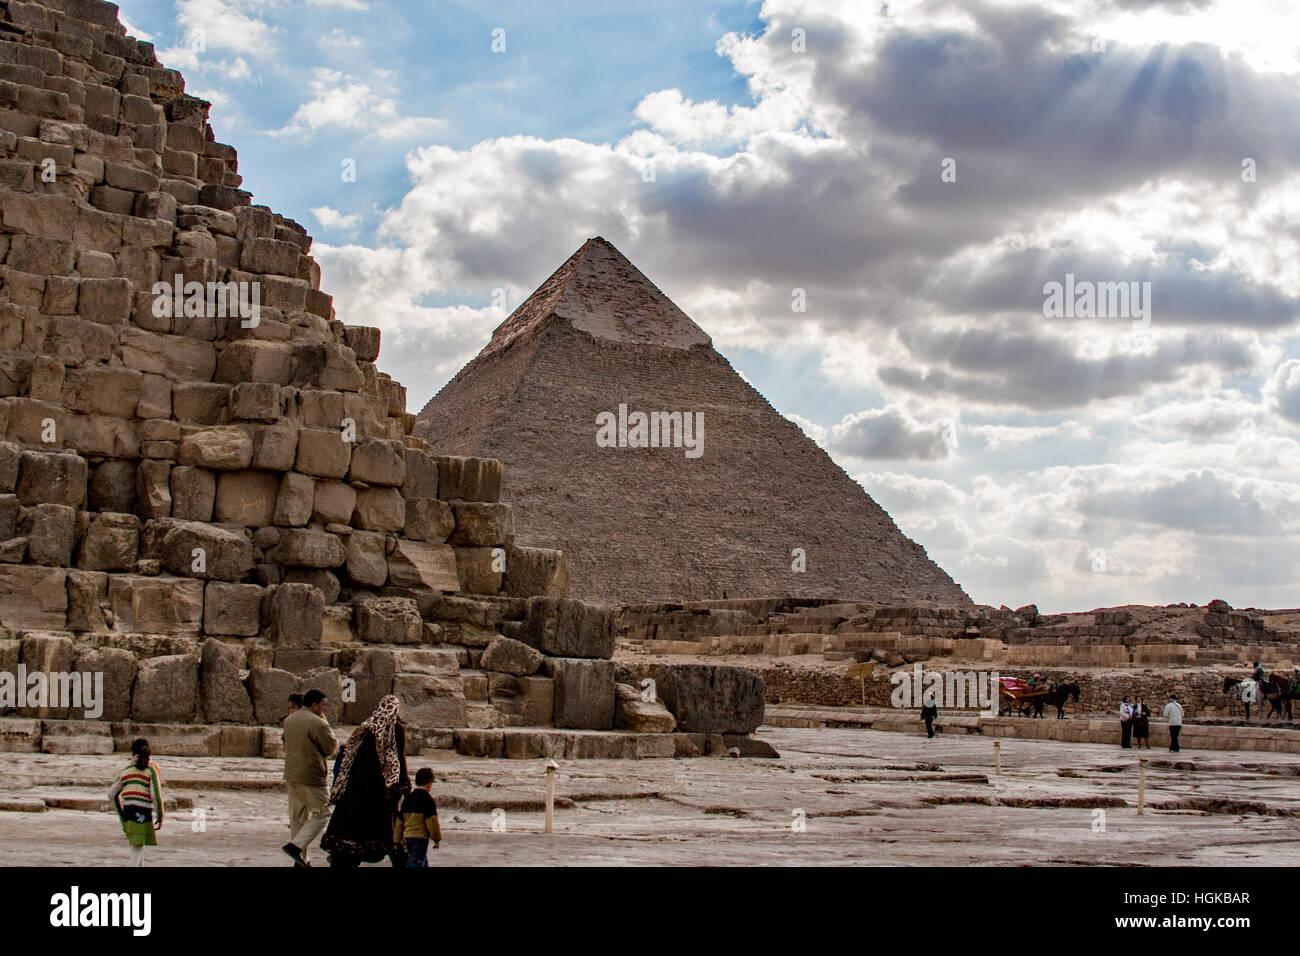 Visiter les grandes pyramides de Gizeh au Caire est populaire auprès des habitants et touristes. Construit Photo Stock